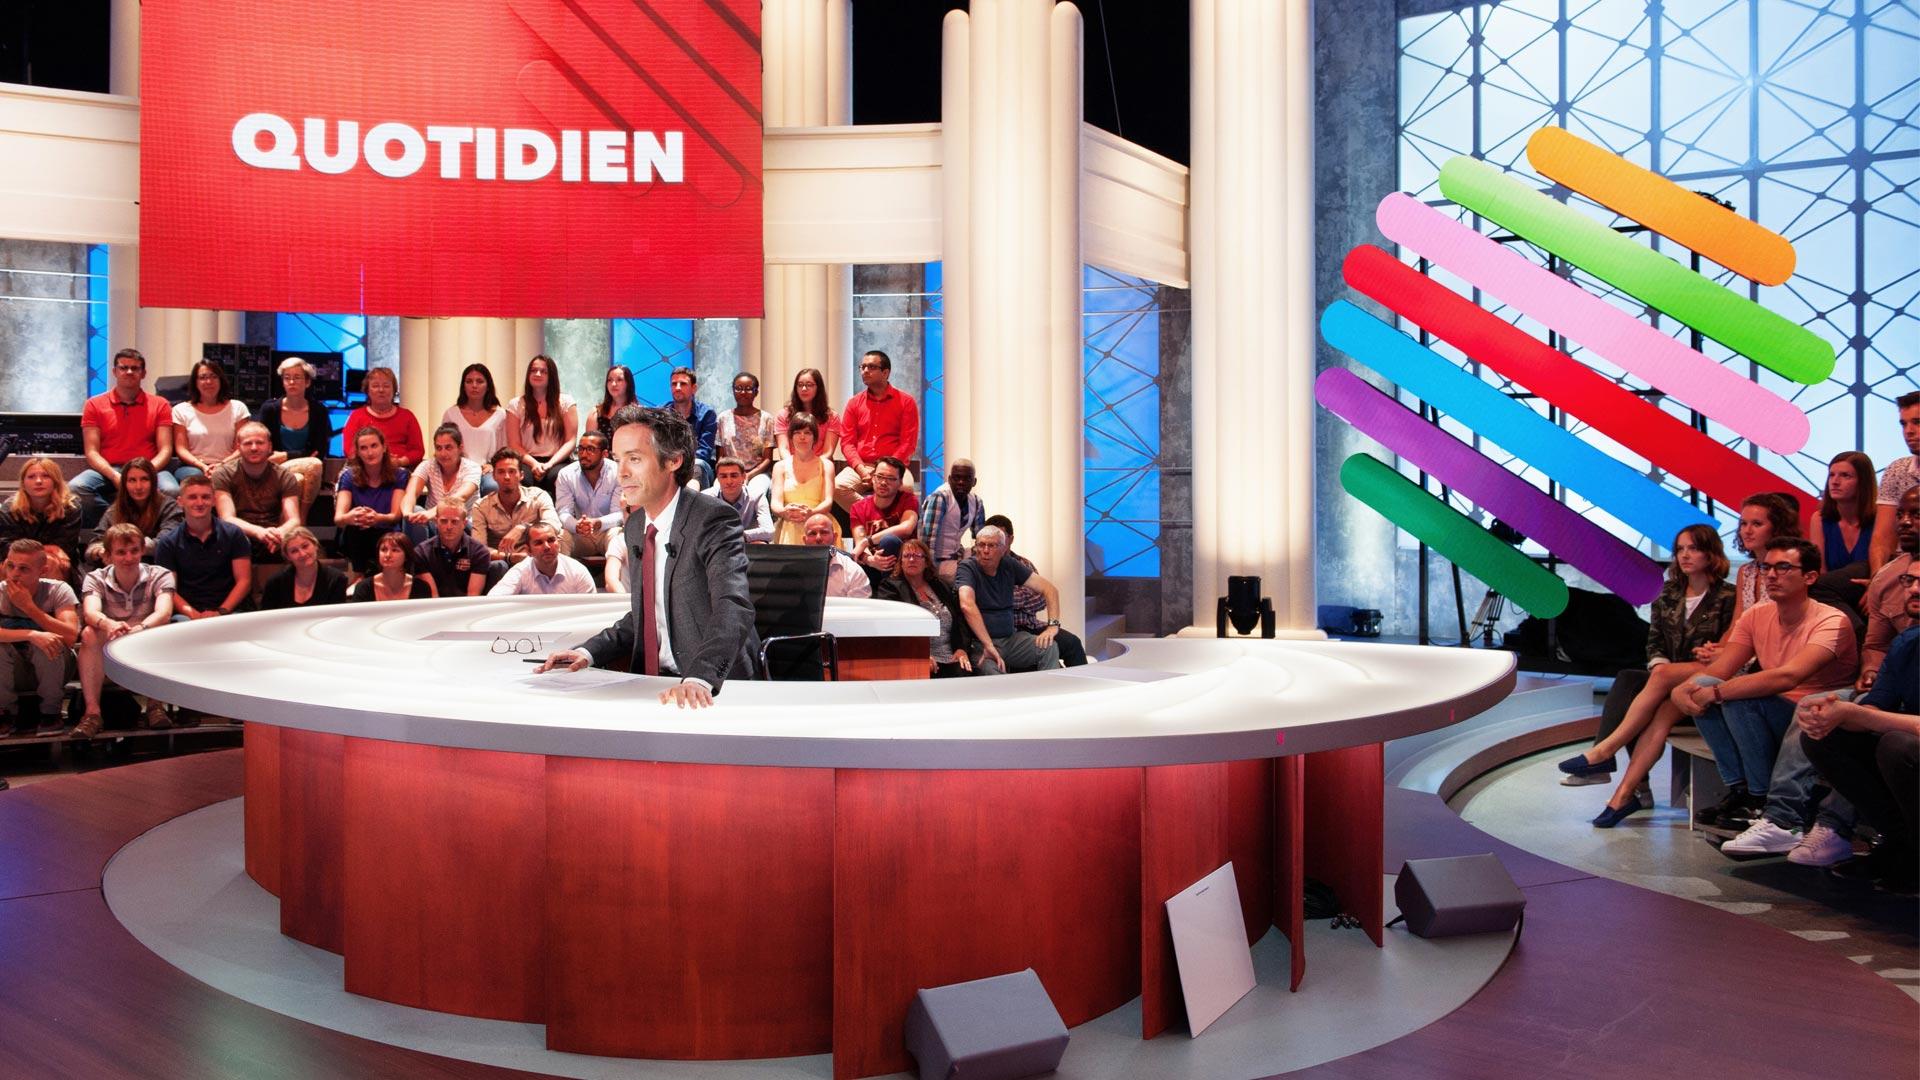 Assistez à l'émission Quotidien présentée par Yann Barthès